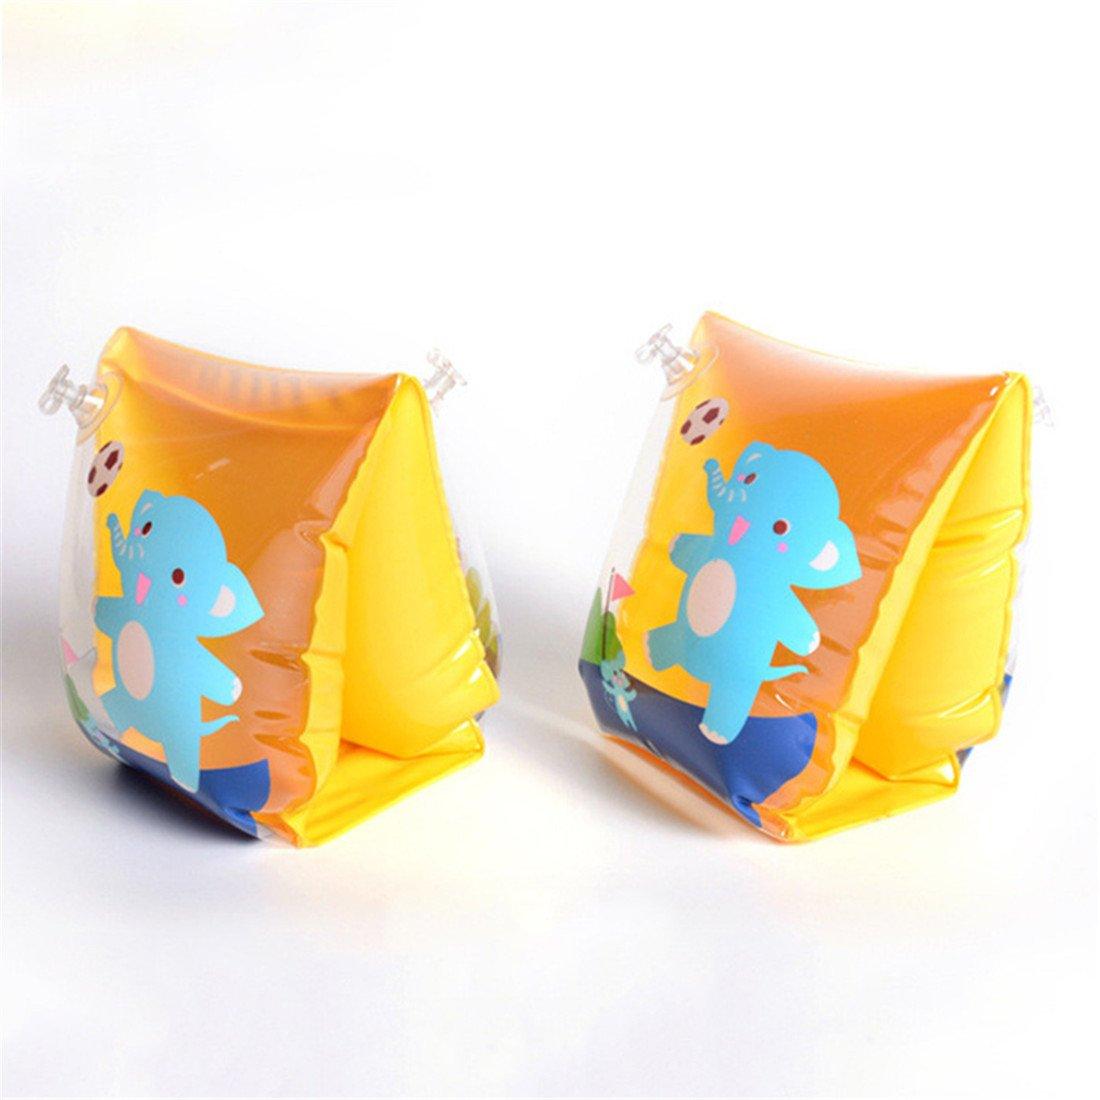 Grofitness gonflable Brassards de nage pour b/éb/é enfant commencer /à Nager Bras Anneaux avec animaux mignons dimpression